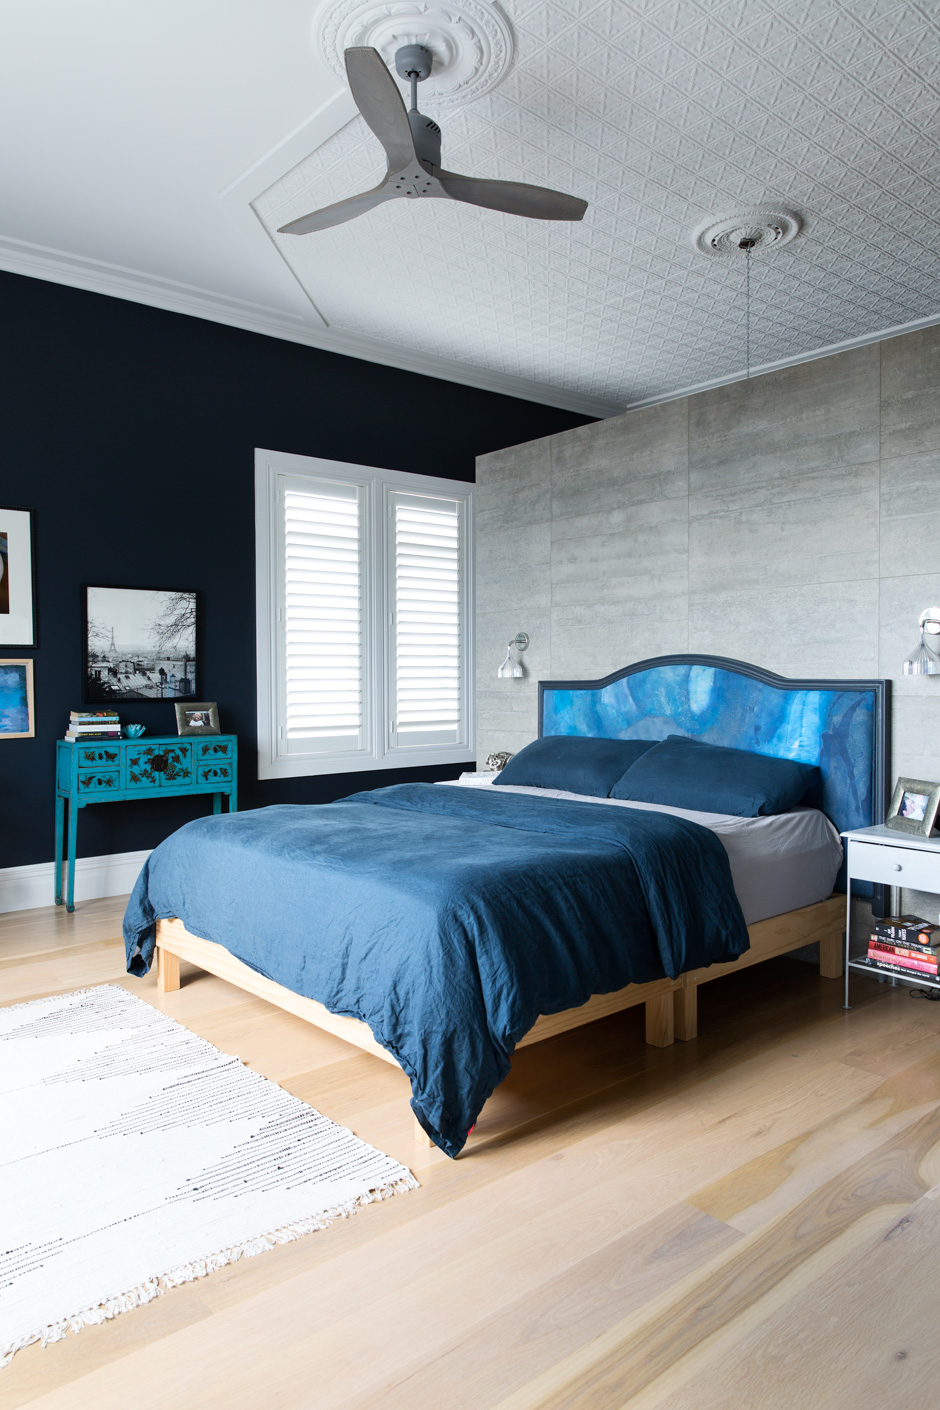 Mooie slaapkamer met luxe en suite badkamer | Slaapkamer ideeën